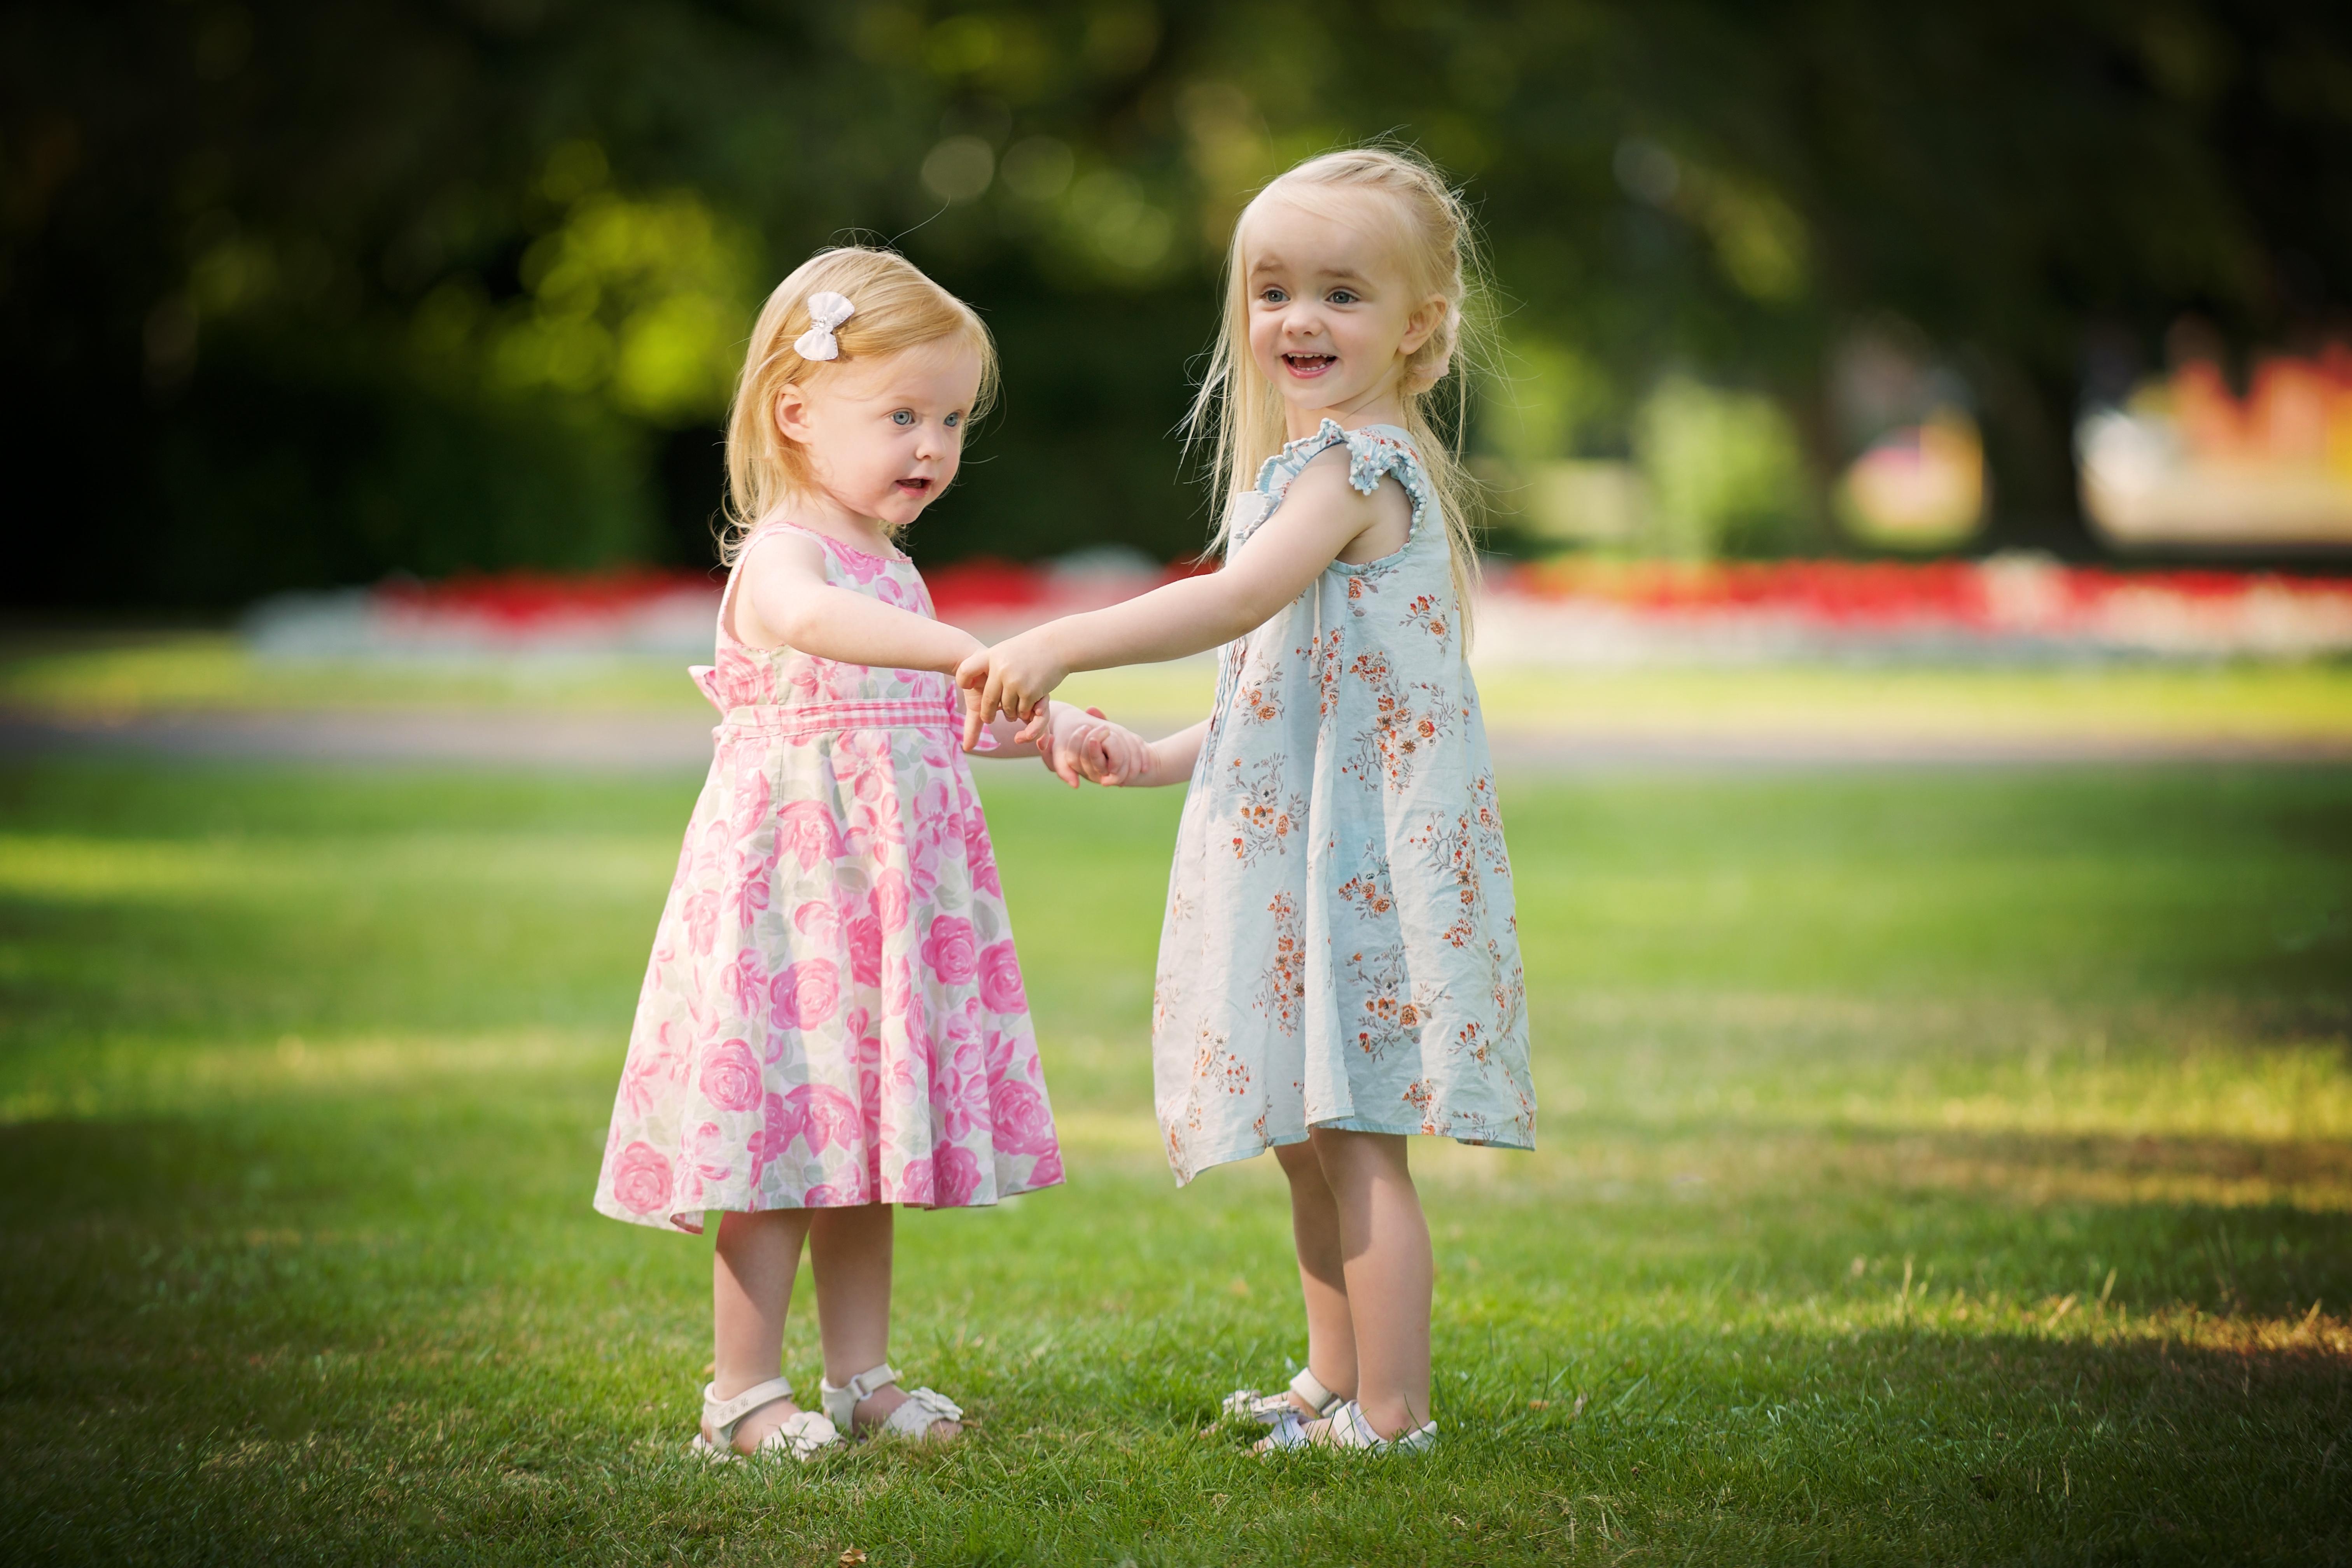 Hintergrundbilder : Menschen, Blumen, Kinder, Gras, Fotografie ...